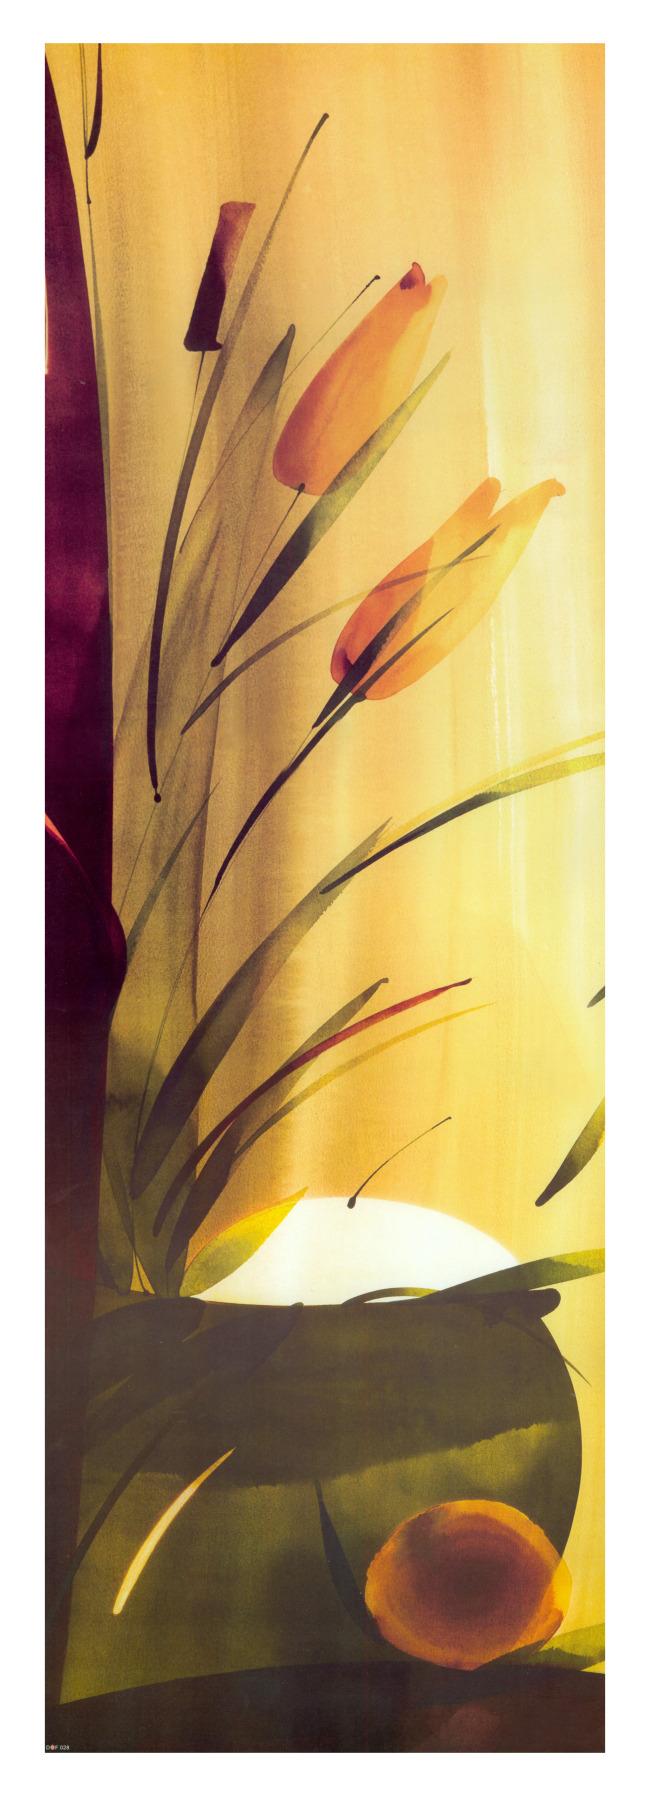 抽象油画贴图